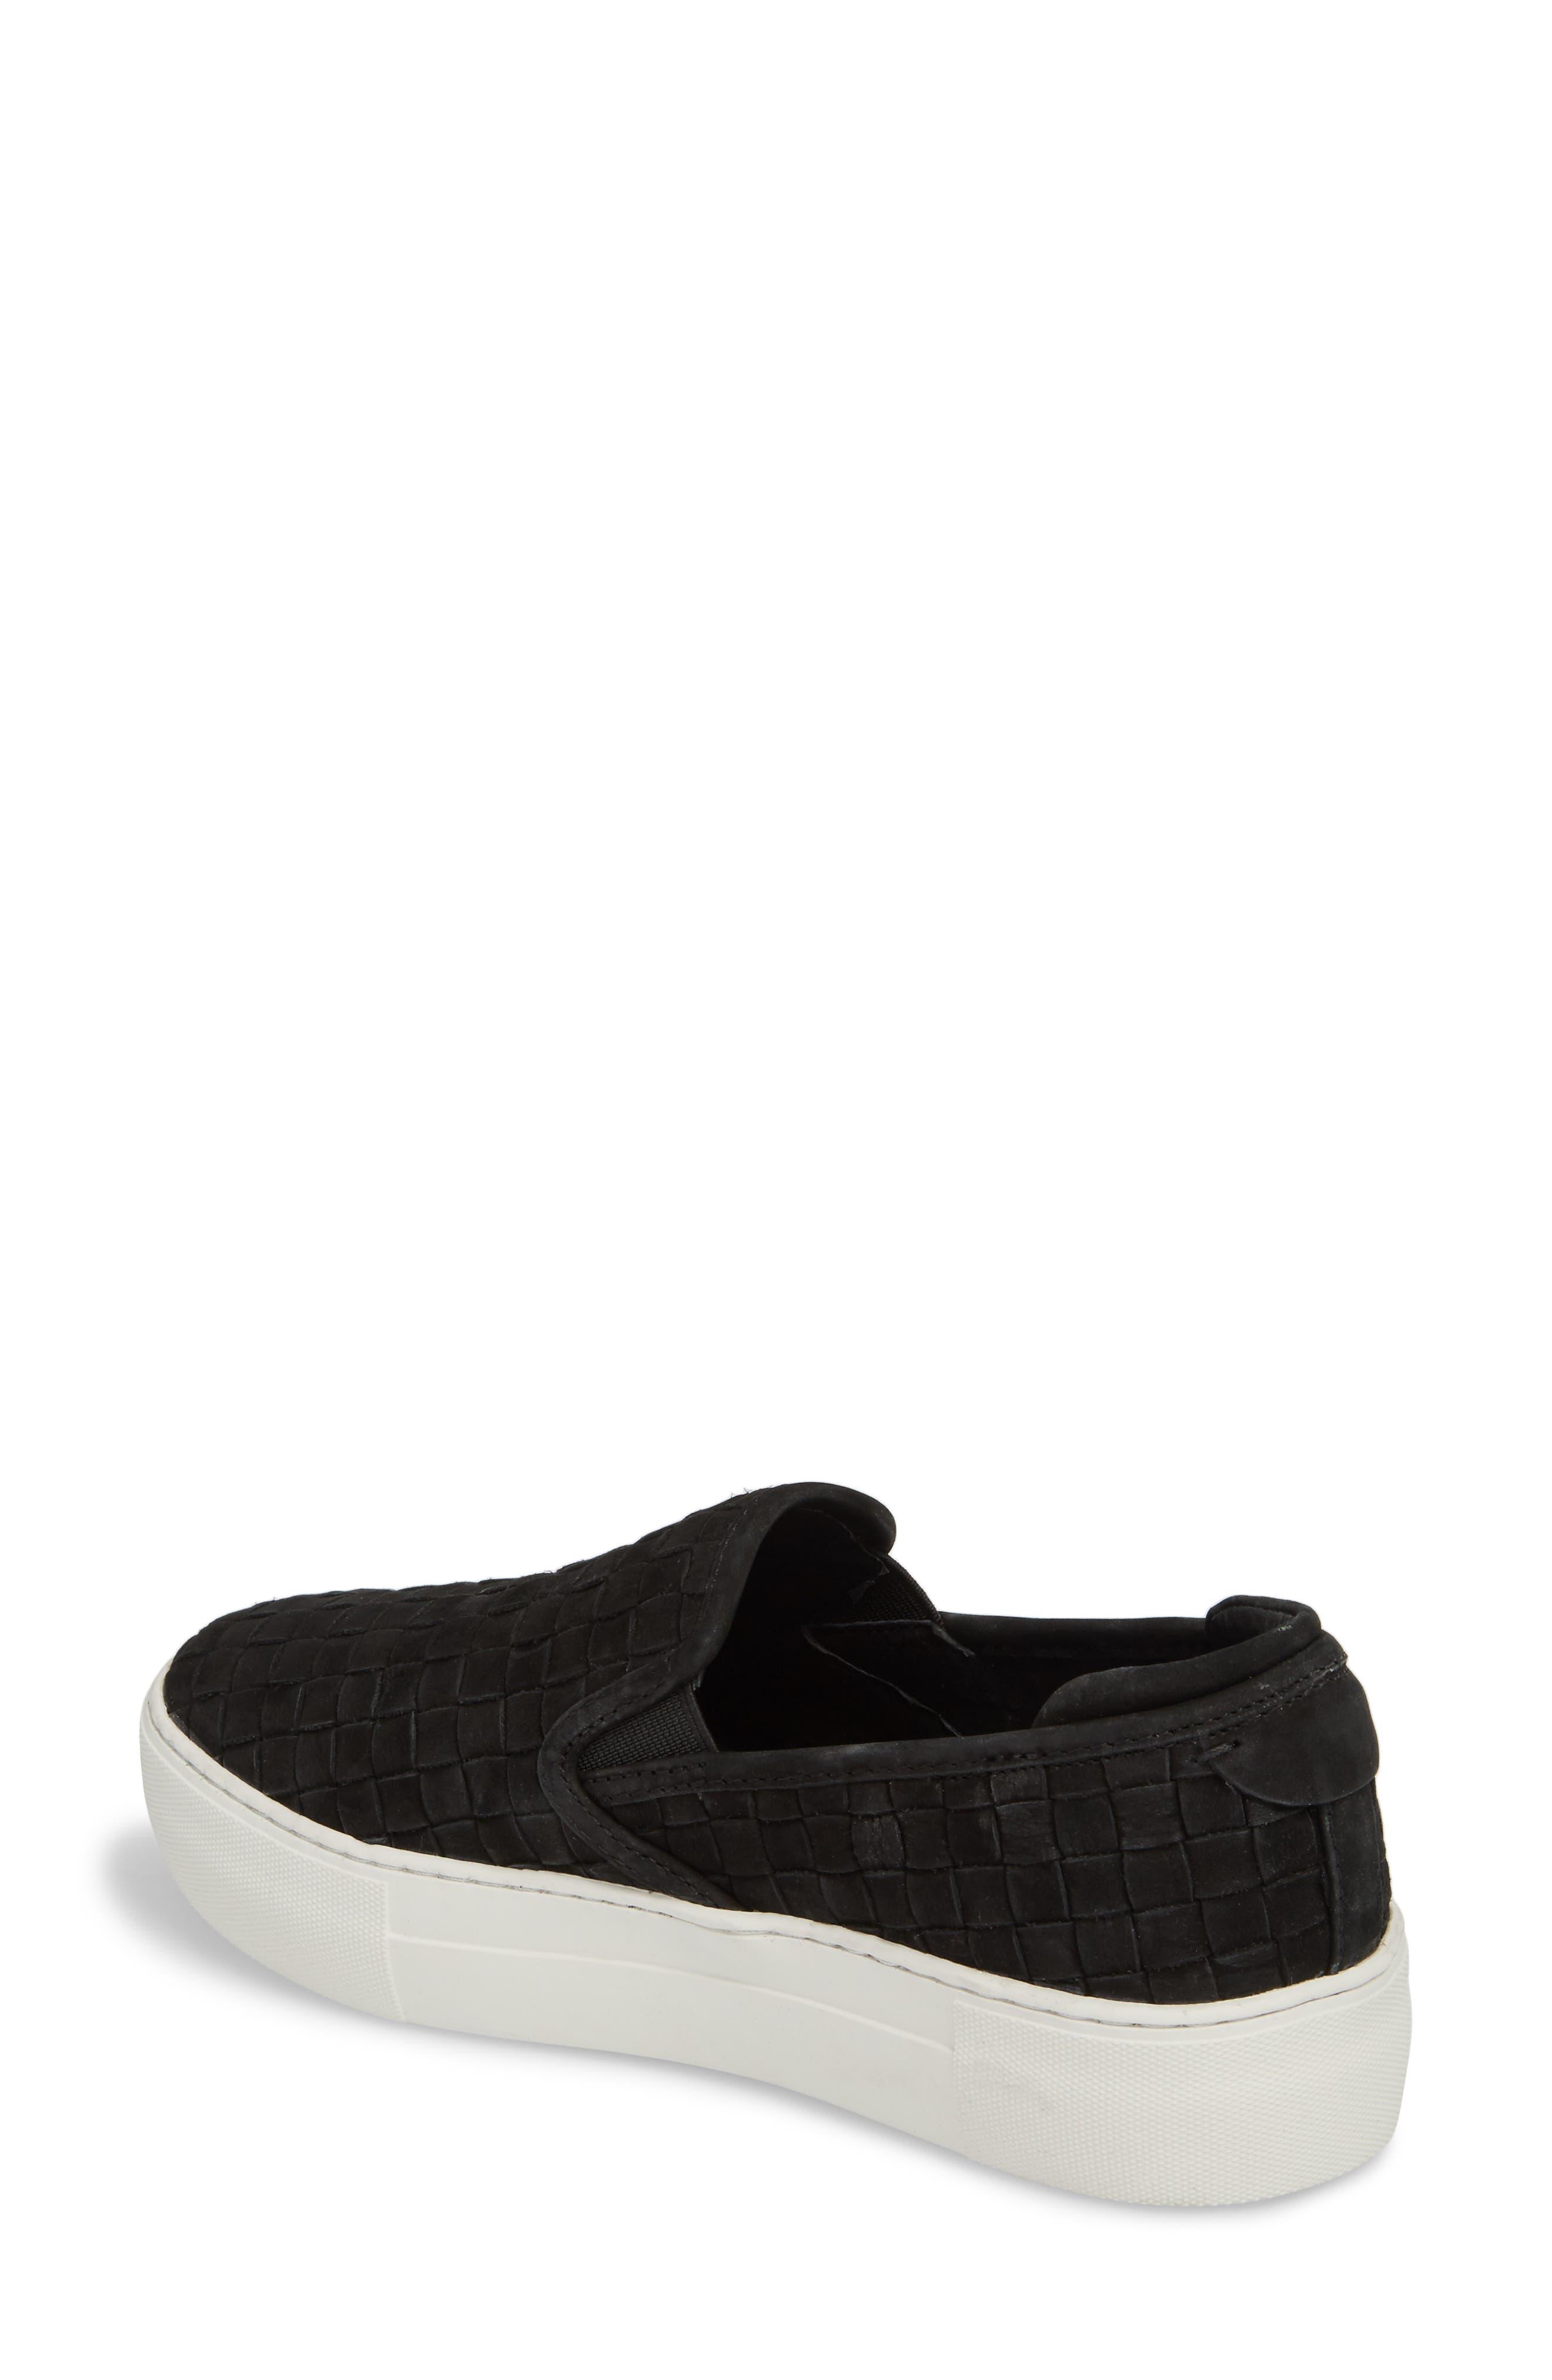 Proper Slip-On Sneaker,                             Alternate thumbnail 2, color,                             BLACK NUBUCK